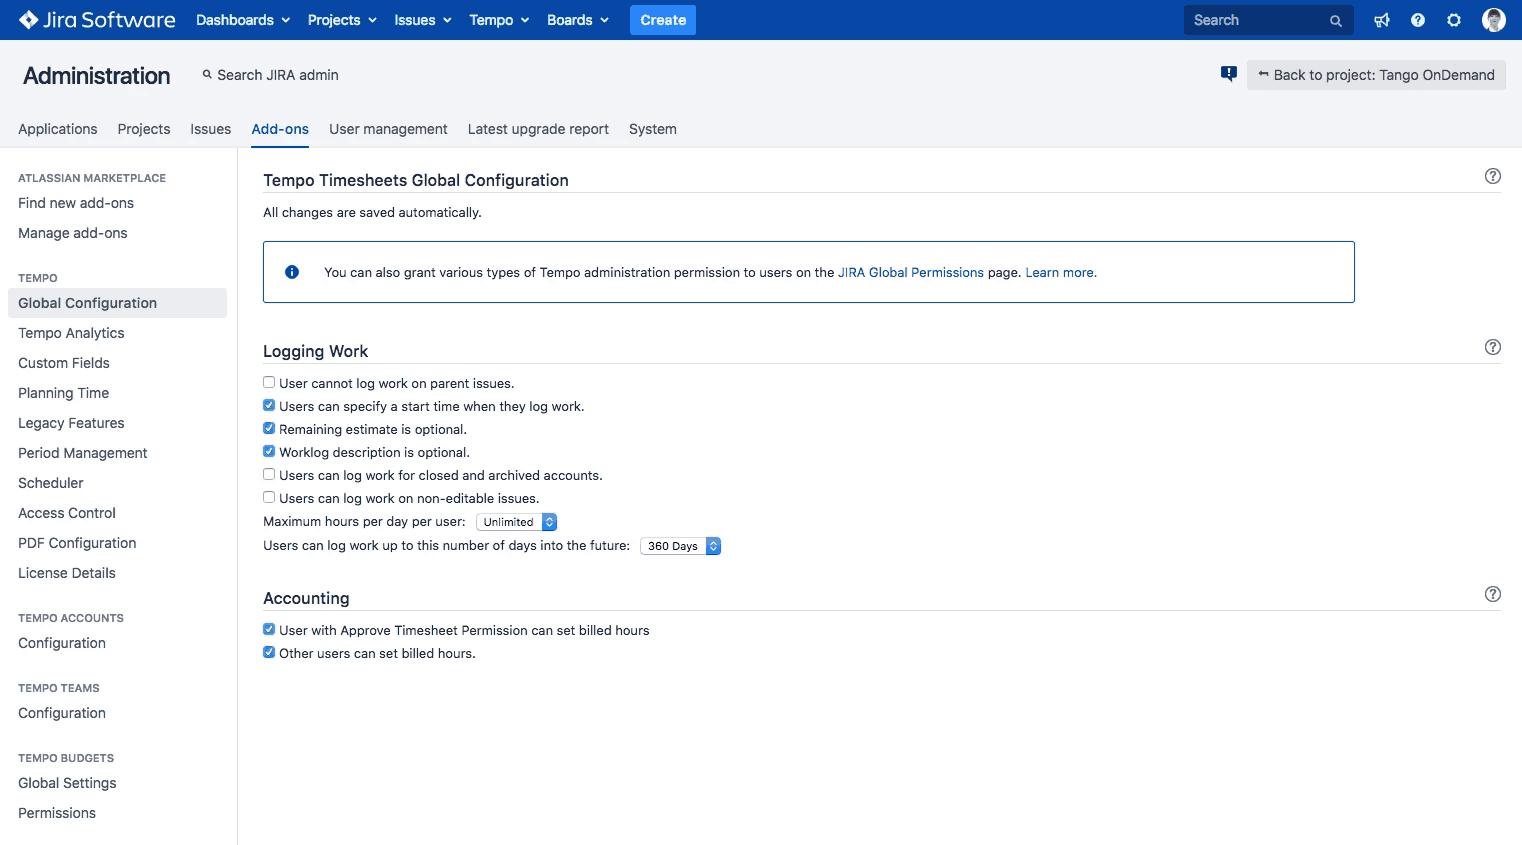 Adding billable time via Global Configuration jira